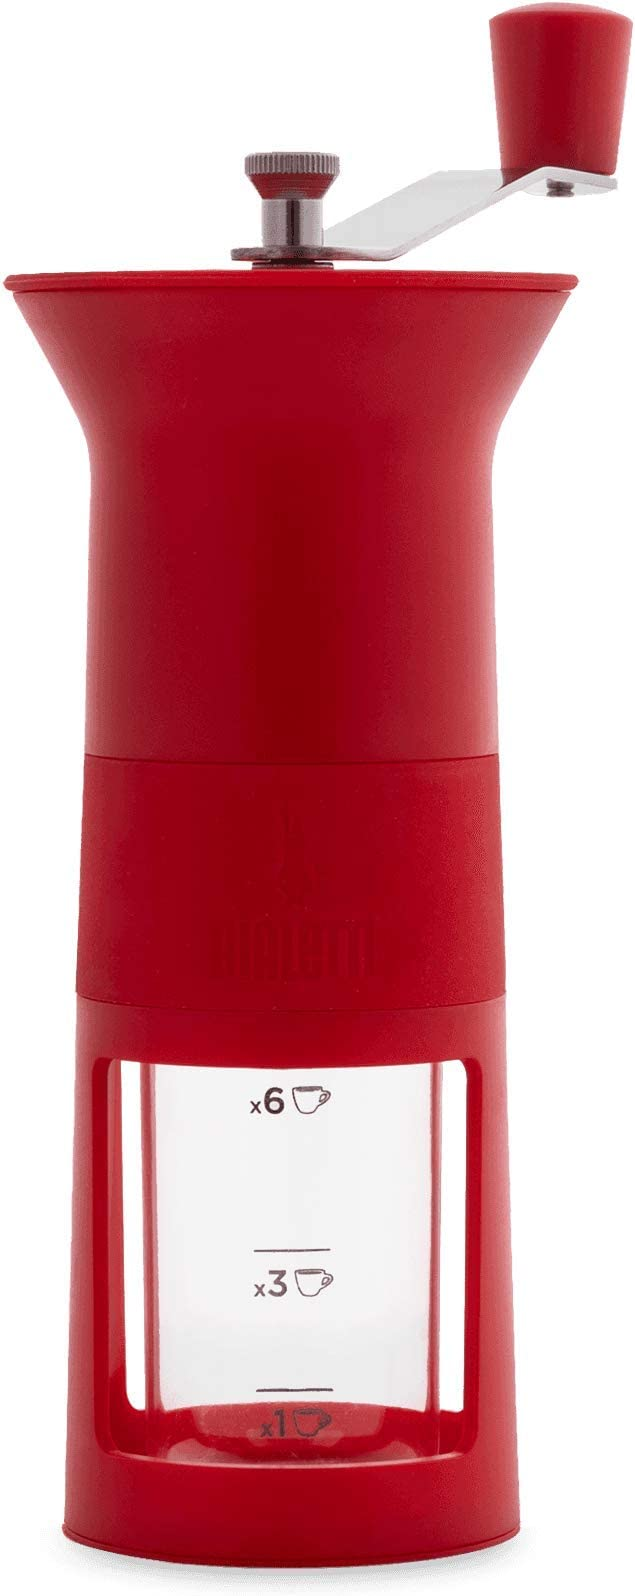 Bialetti – Molinillo de café Manual Rojo plástico, plástico, Negro, 11,5 x 8,5 x 21,5 cm